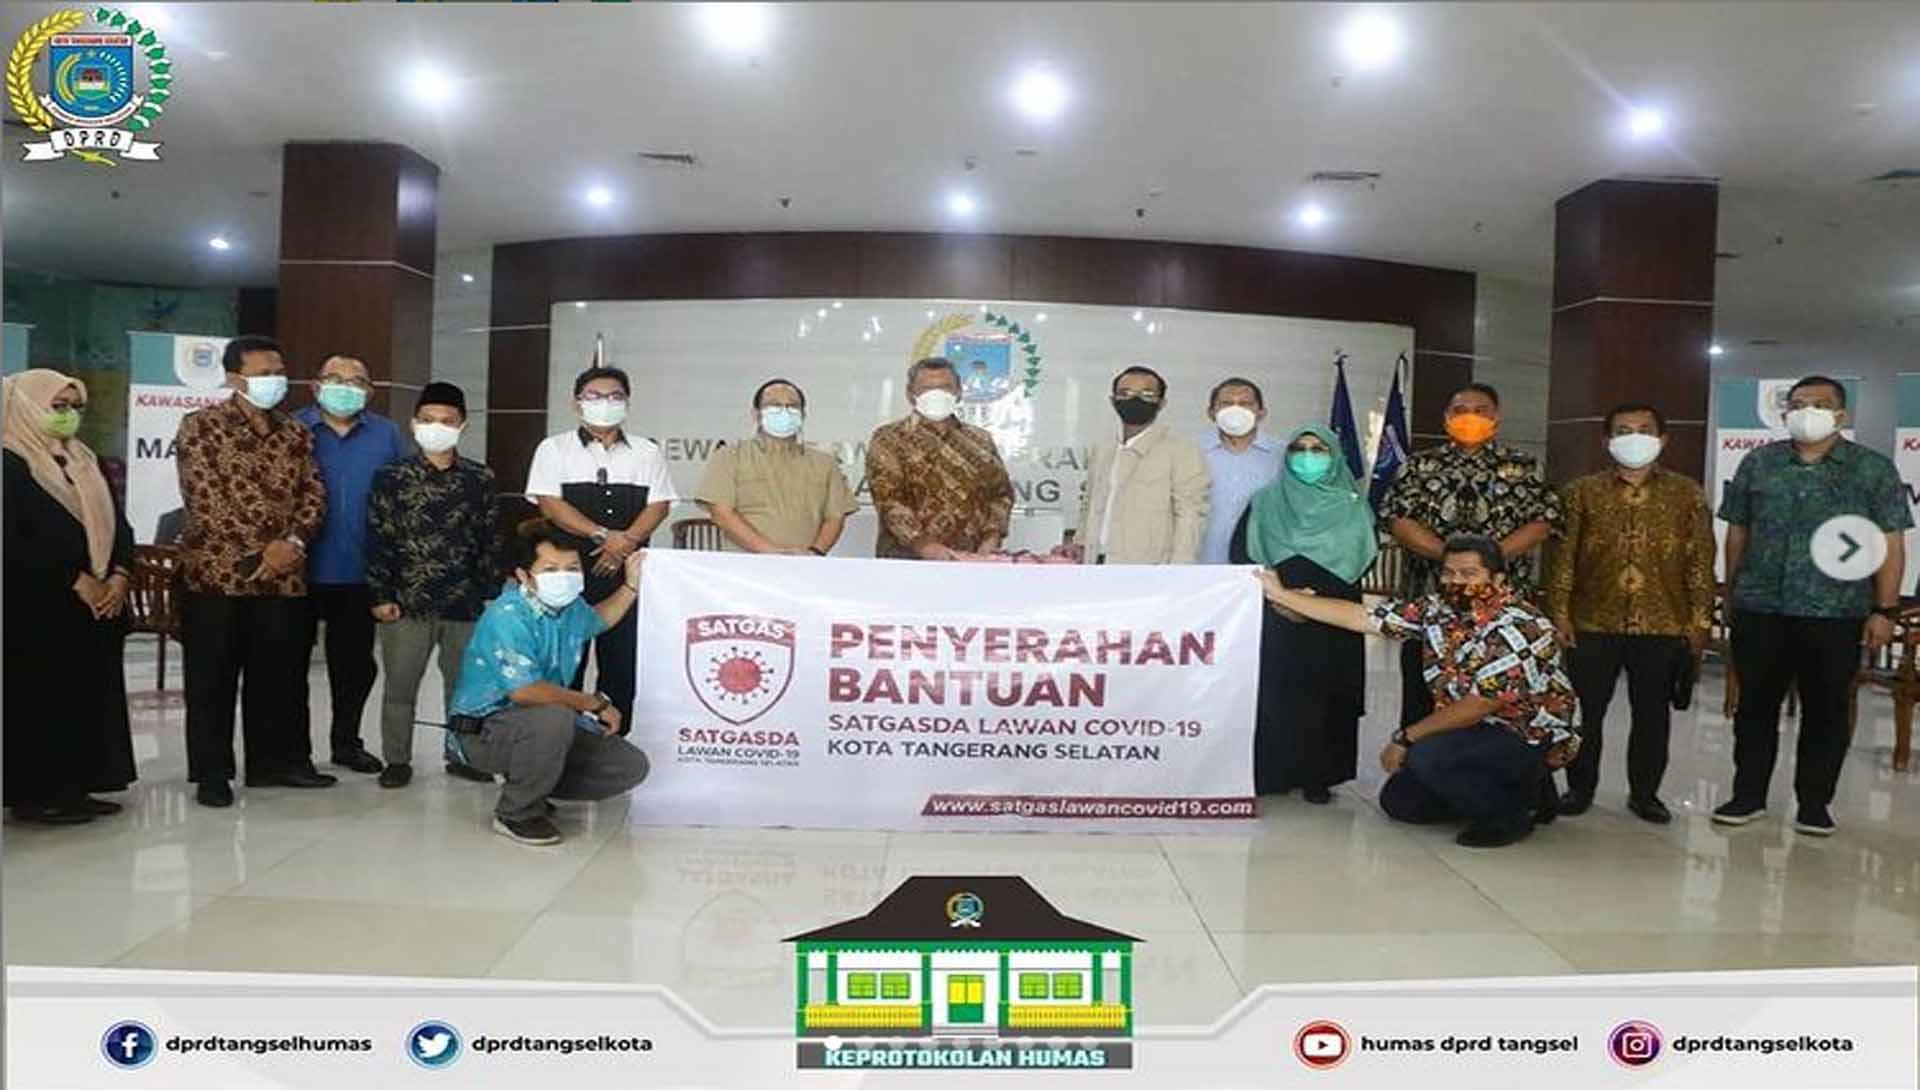 Pimpinan DPRD hadir di acara penyerahan bantuan dari SATGASDA Tangsel